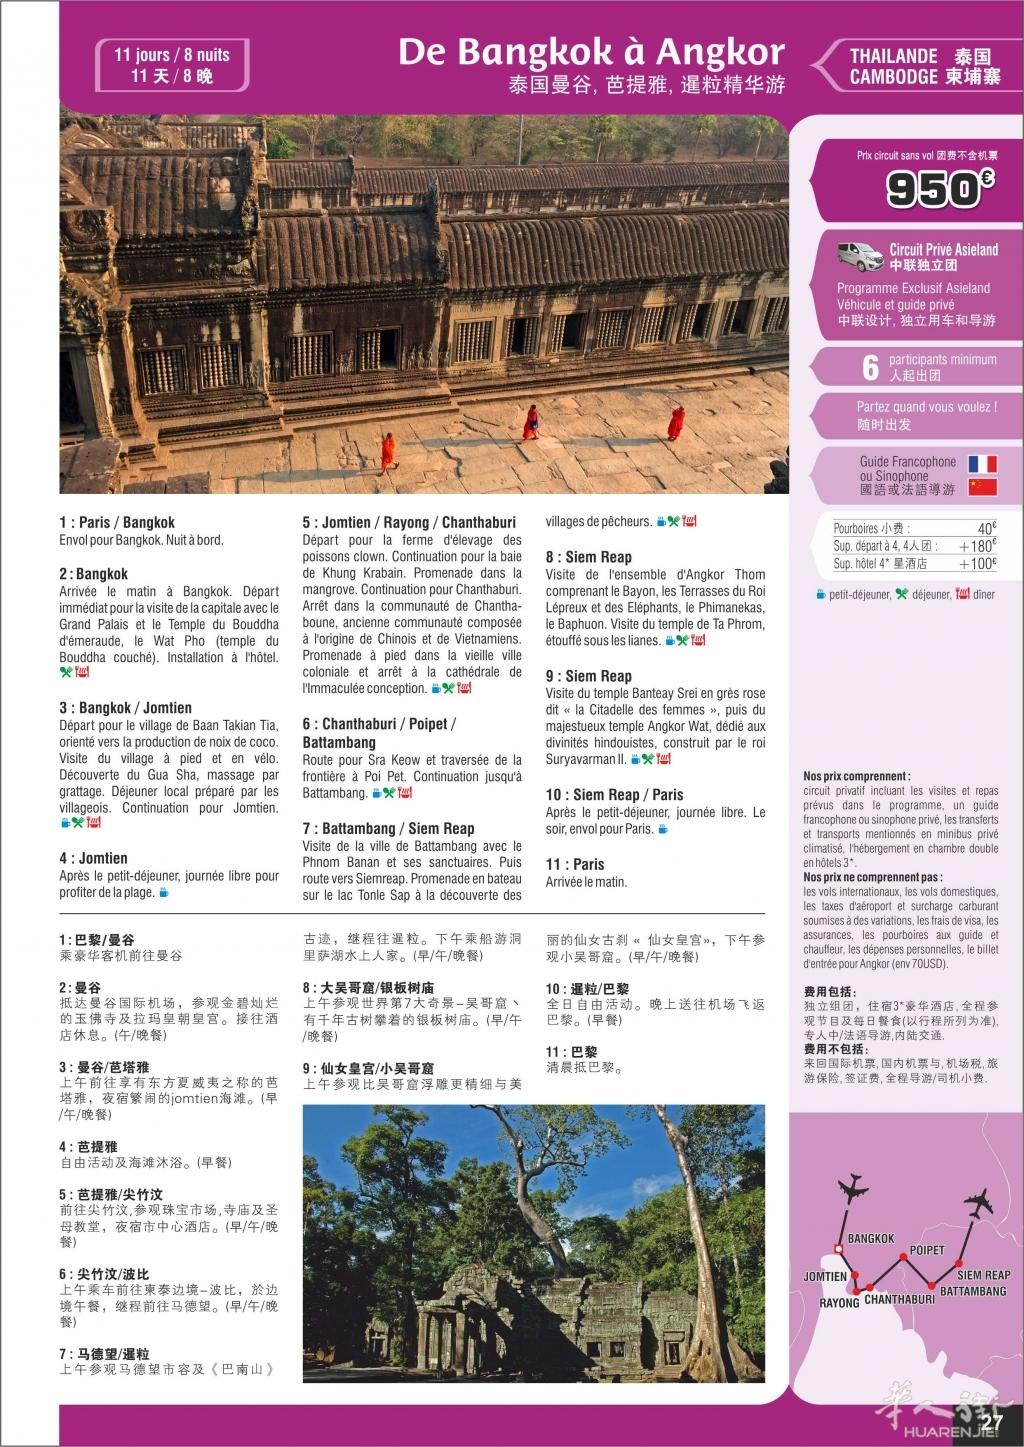 p27-Thailande, Cambodge-11j-v06.jpg